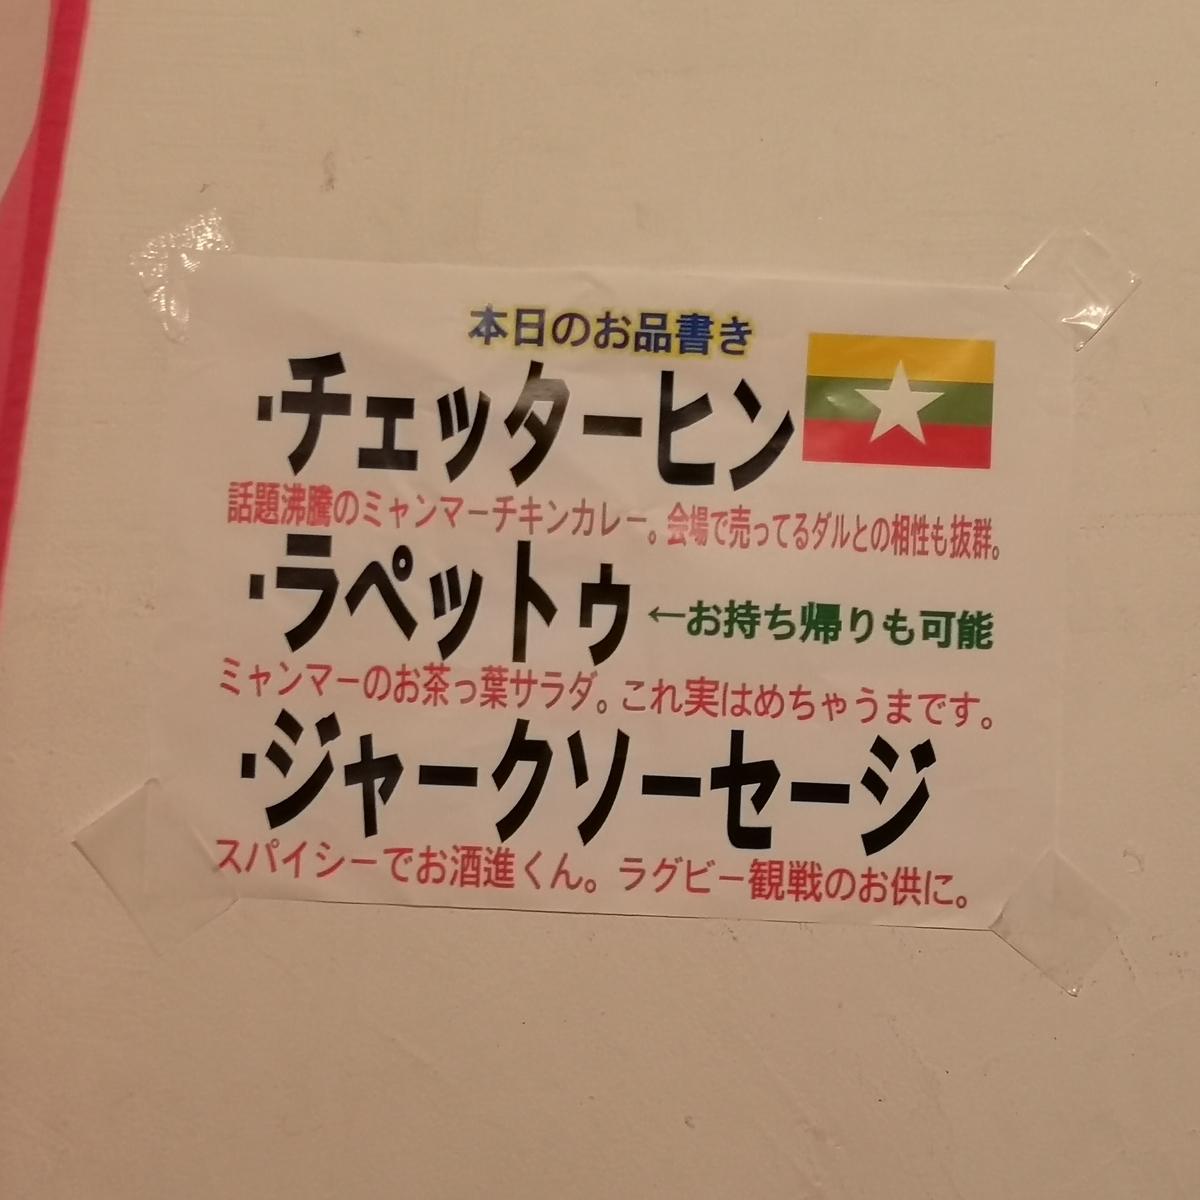 カレー事情聴取スパイス定食&バルVol.7 2019年10月20日 サケトメシ メニュー